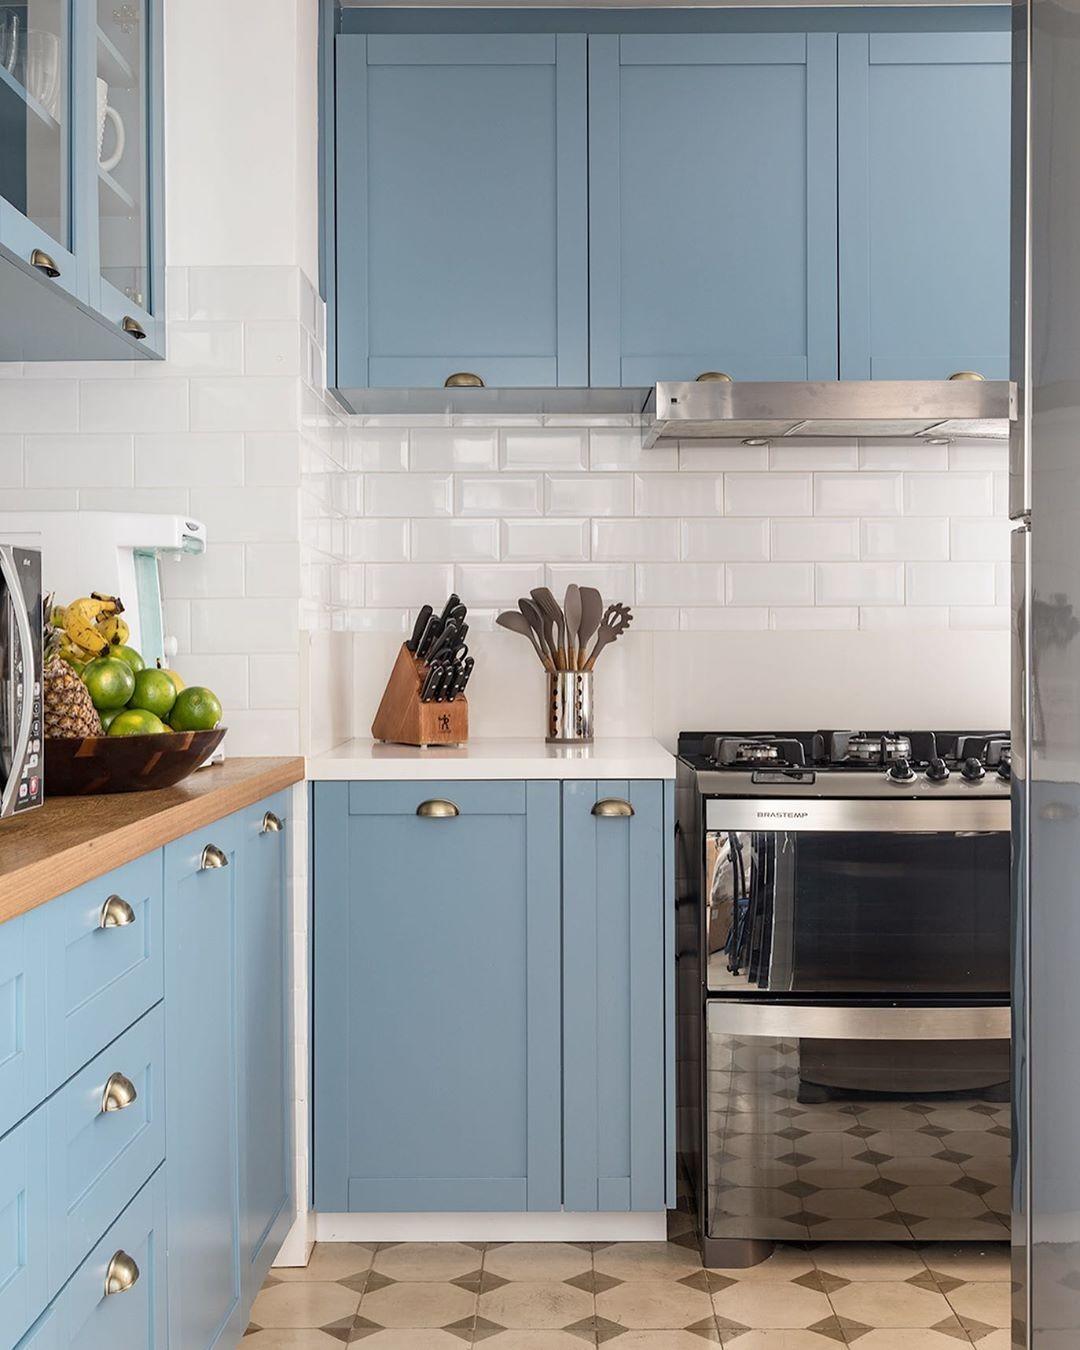 7 dicas para tirar cheiro de fritura da casa (Foto: Evelyn Müller)